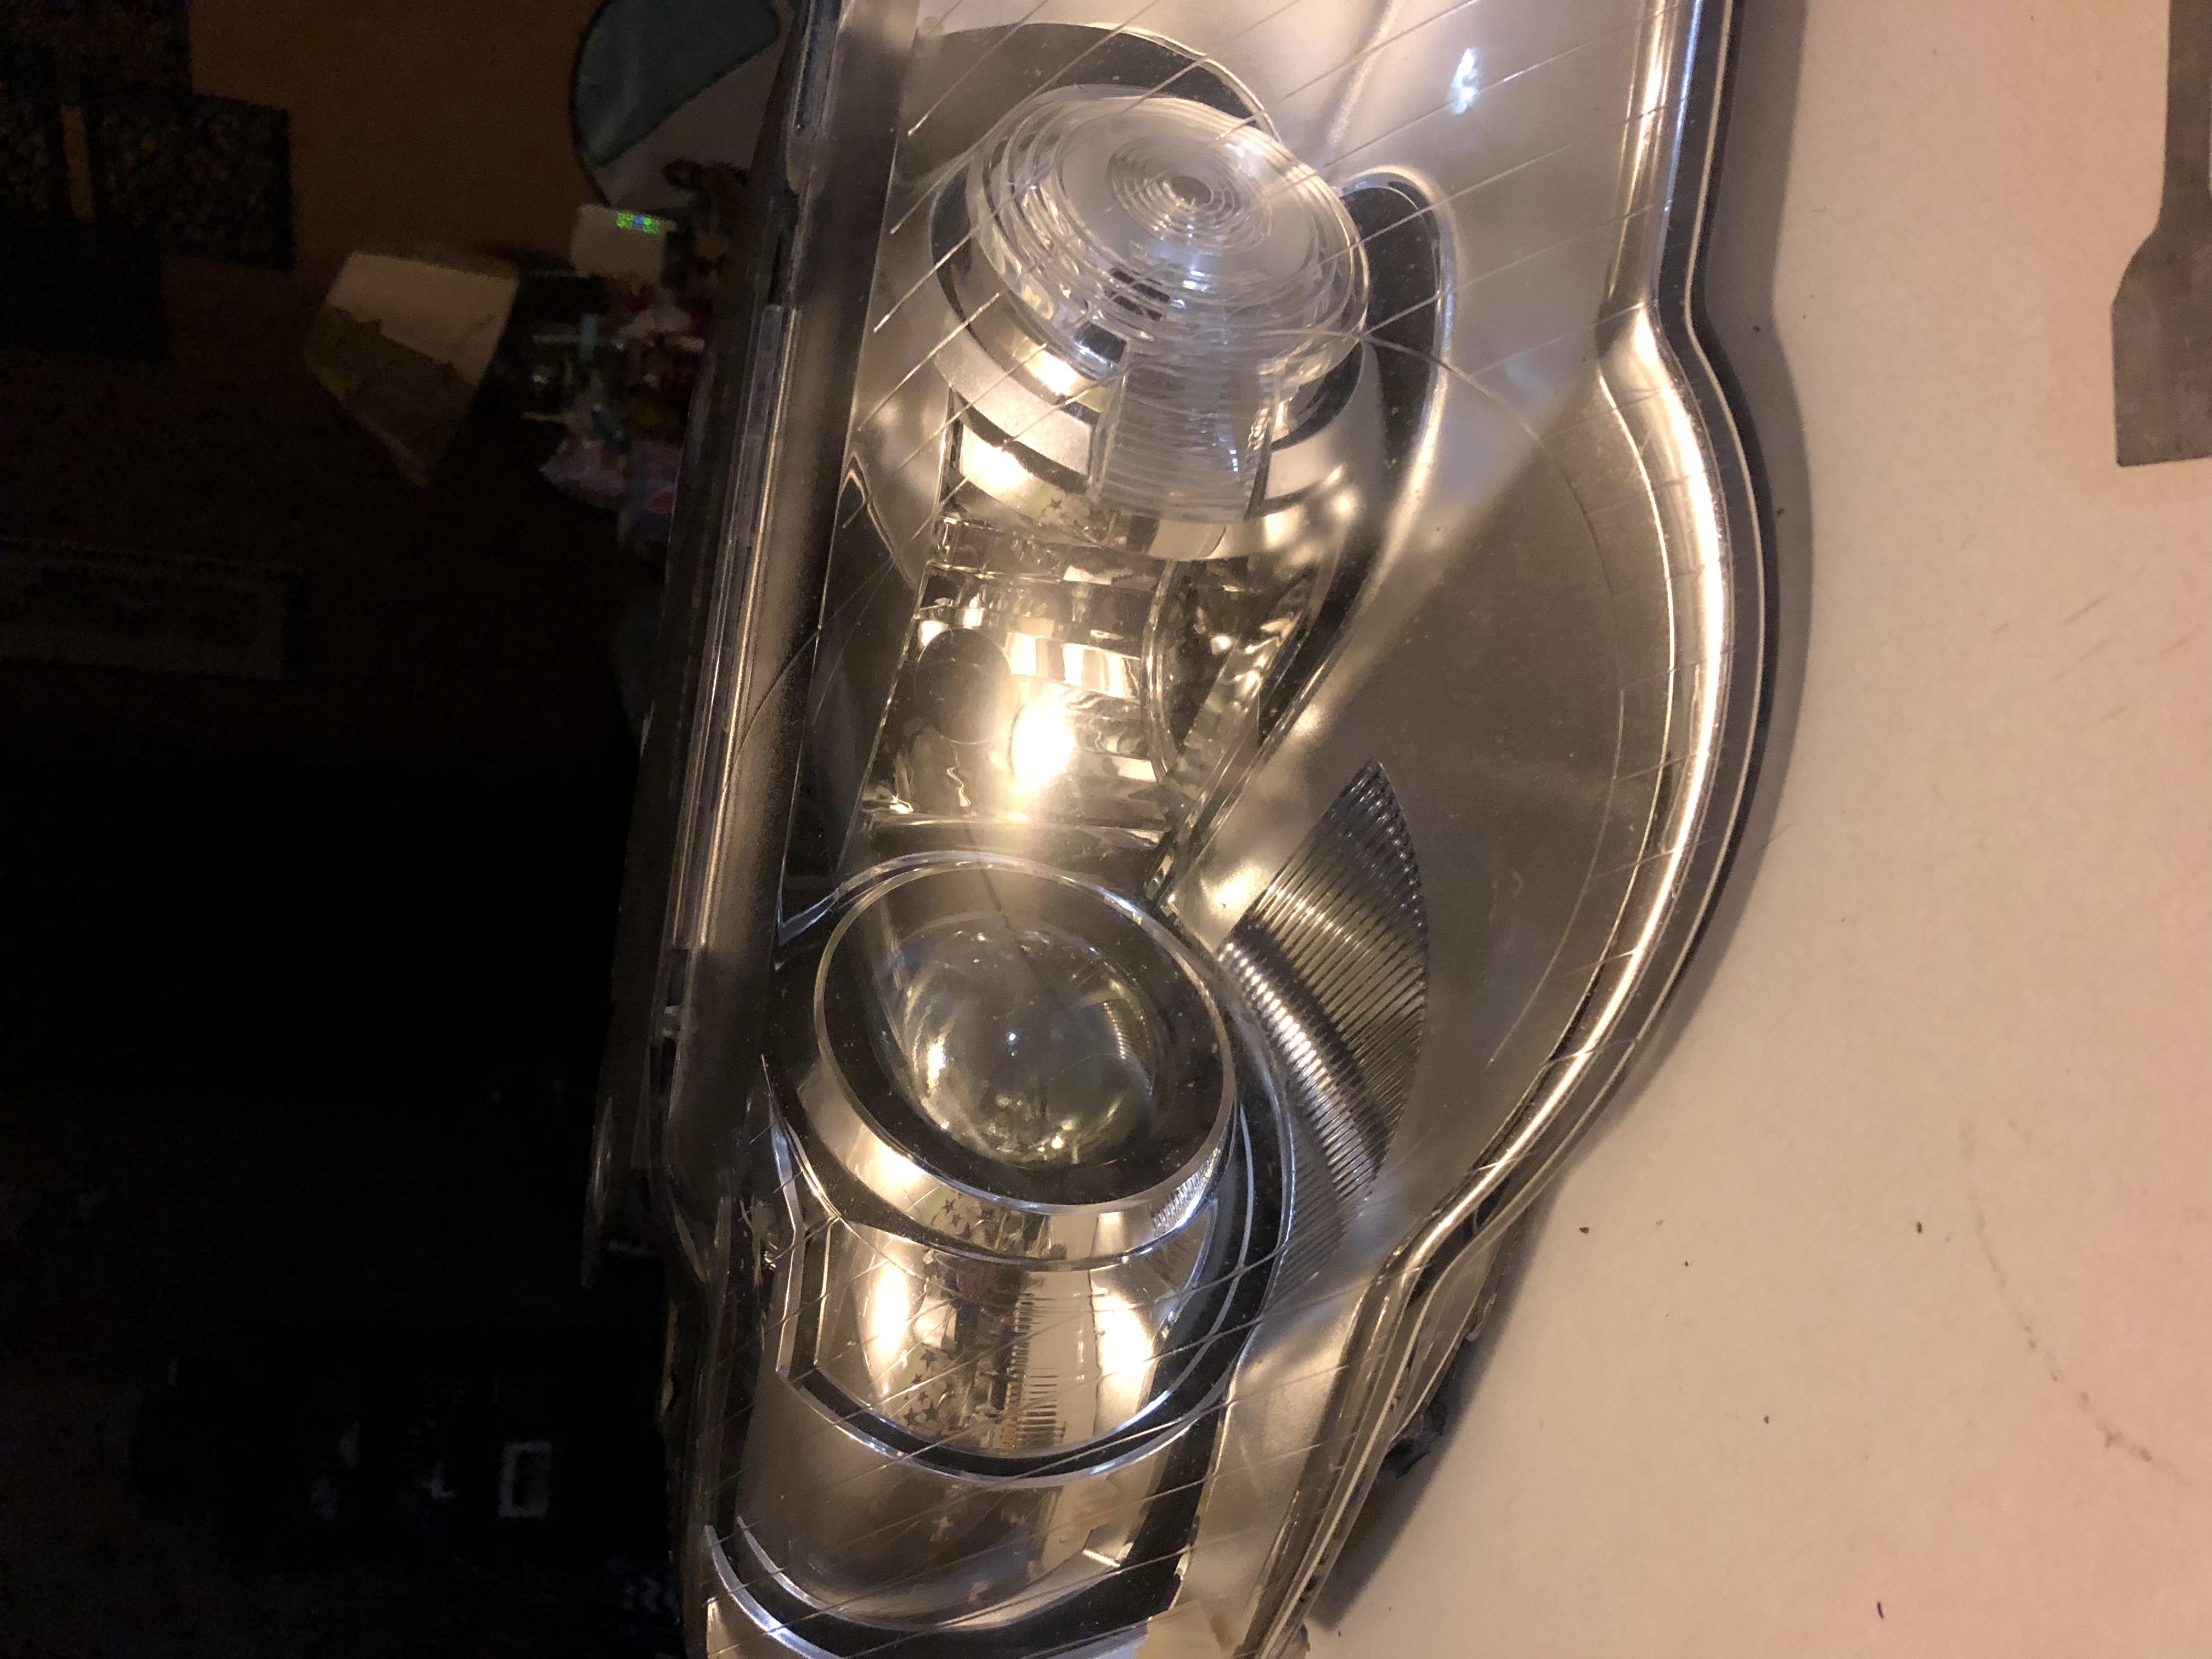 Afs inoperative  06 Passat 3 6L  I've tried new bulbs, new